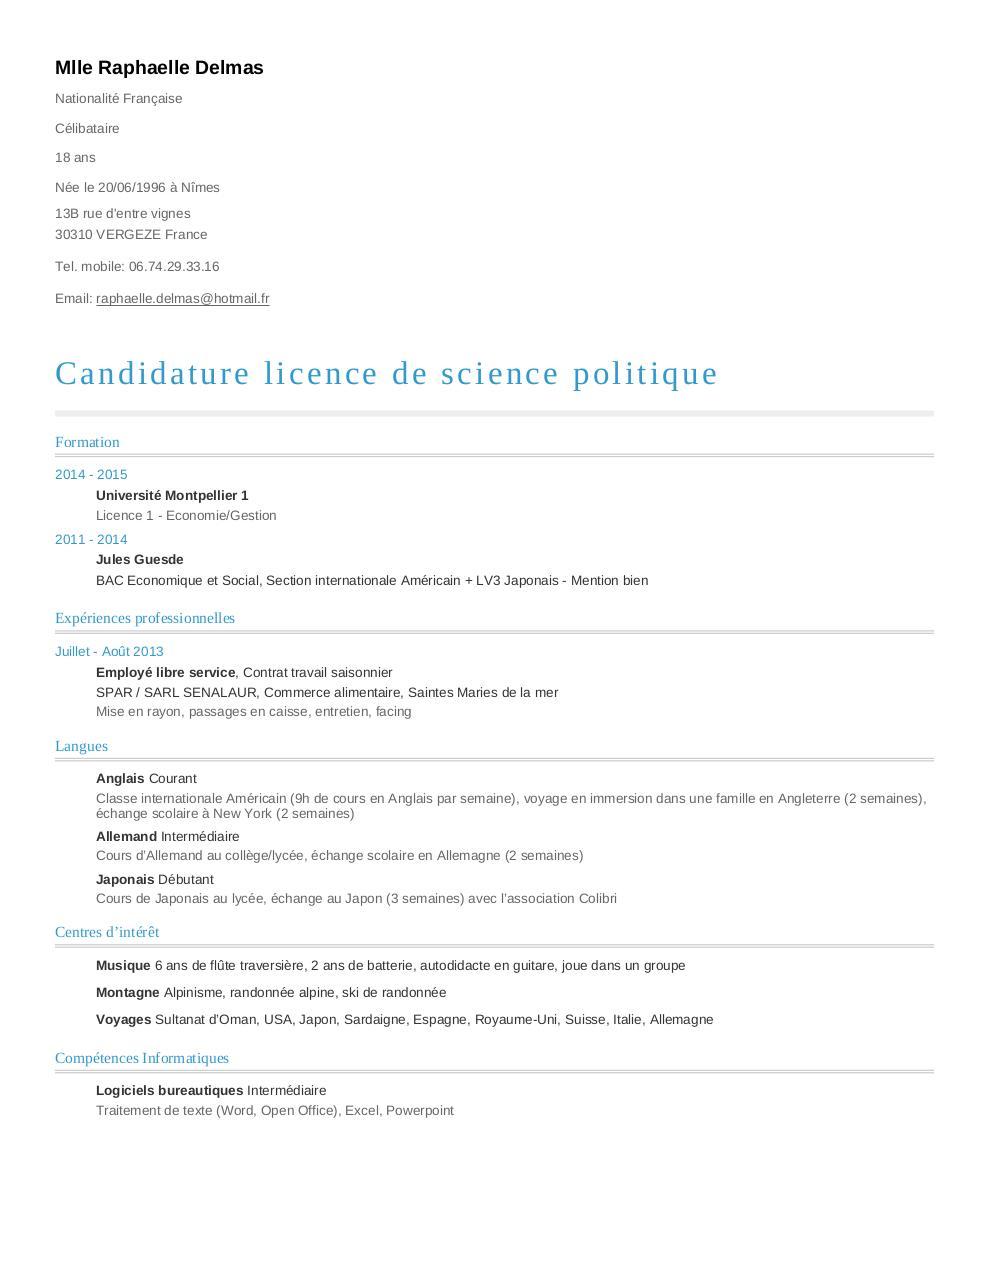 cv de raphaelle delmas au format a4 - cv 1  pdf